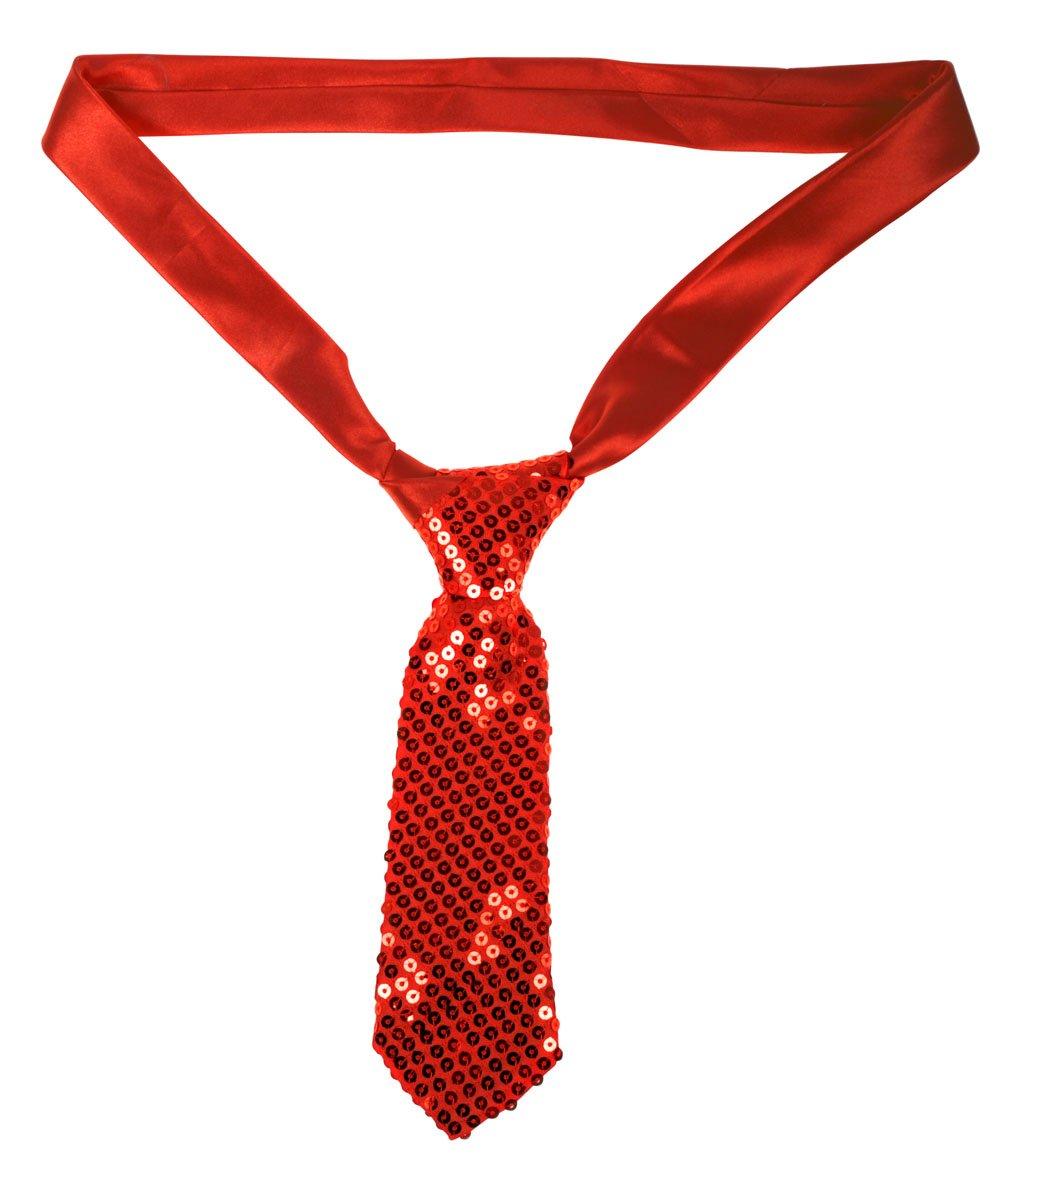 Lentejuelas corbata rojo de carnaval casi noche: Amazon.es: Hogar